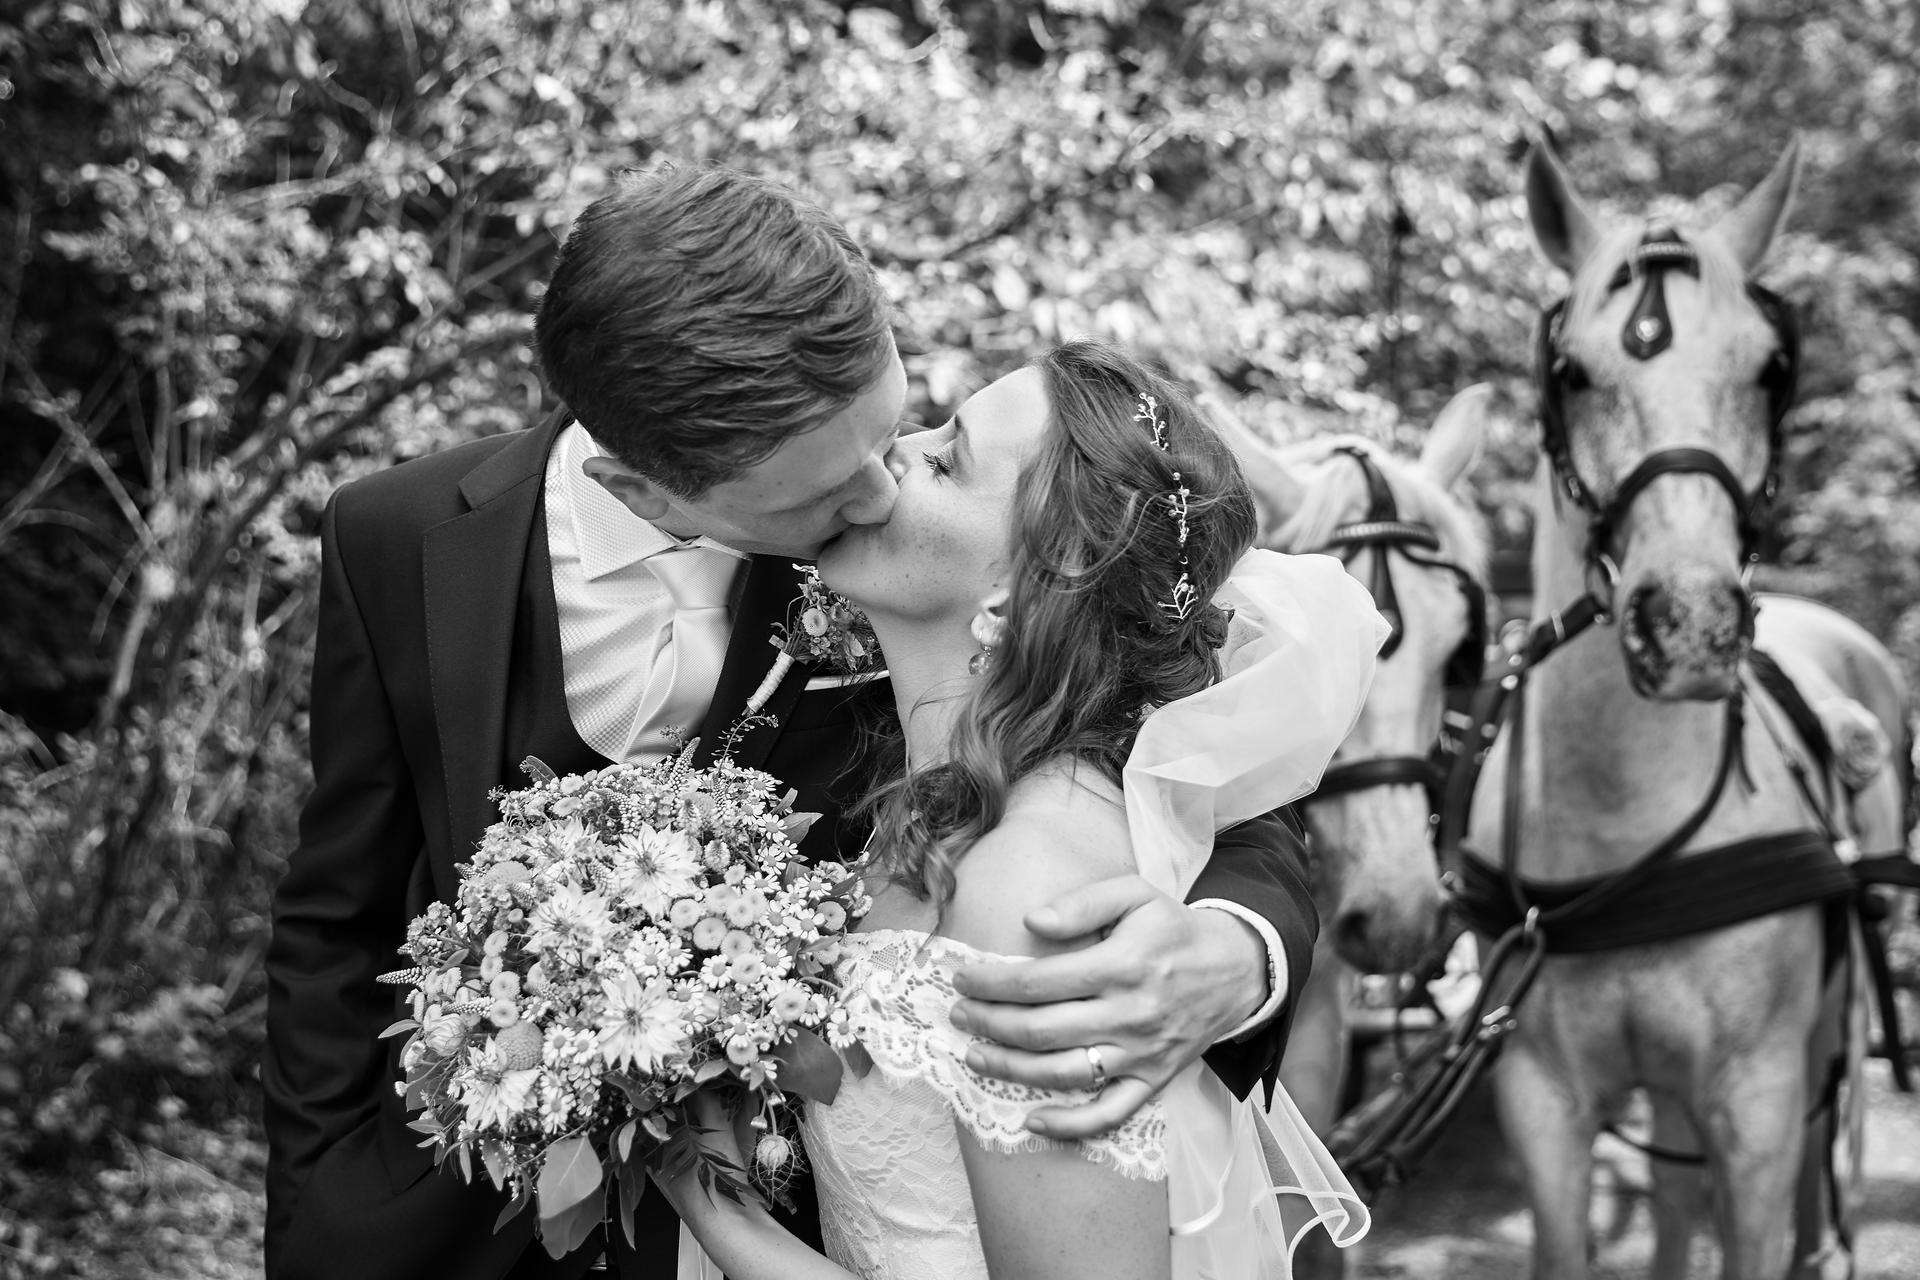 Svatba 6.6.2020 - Kytka, výzdoba a koordinace: Čarokrásno